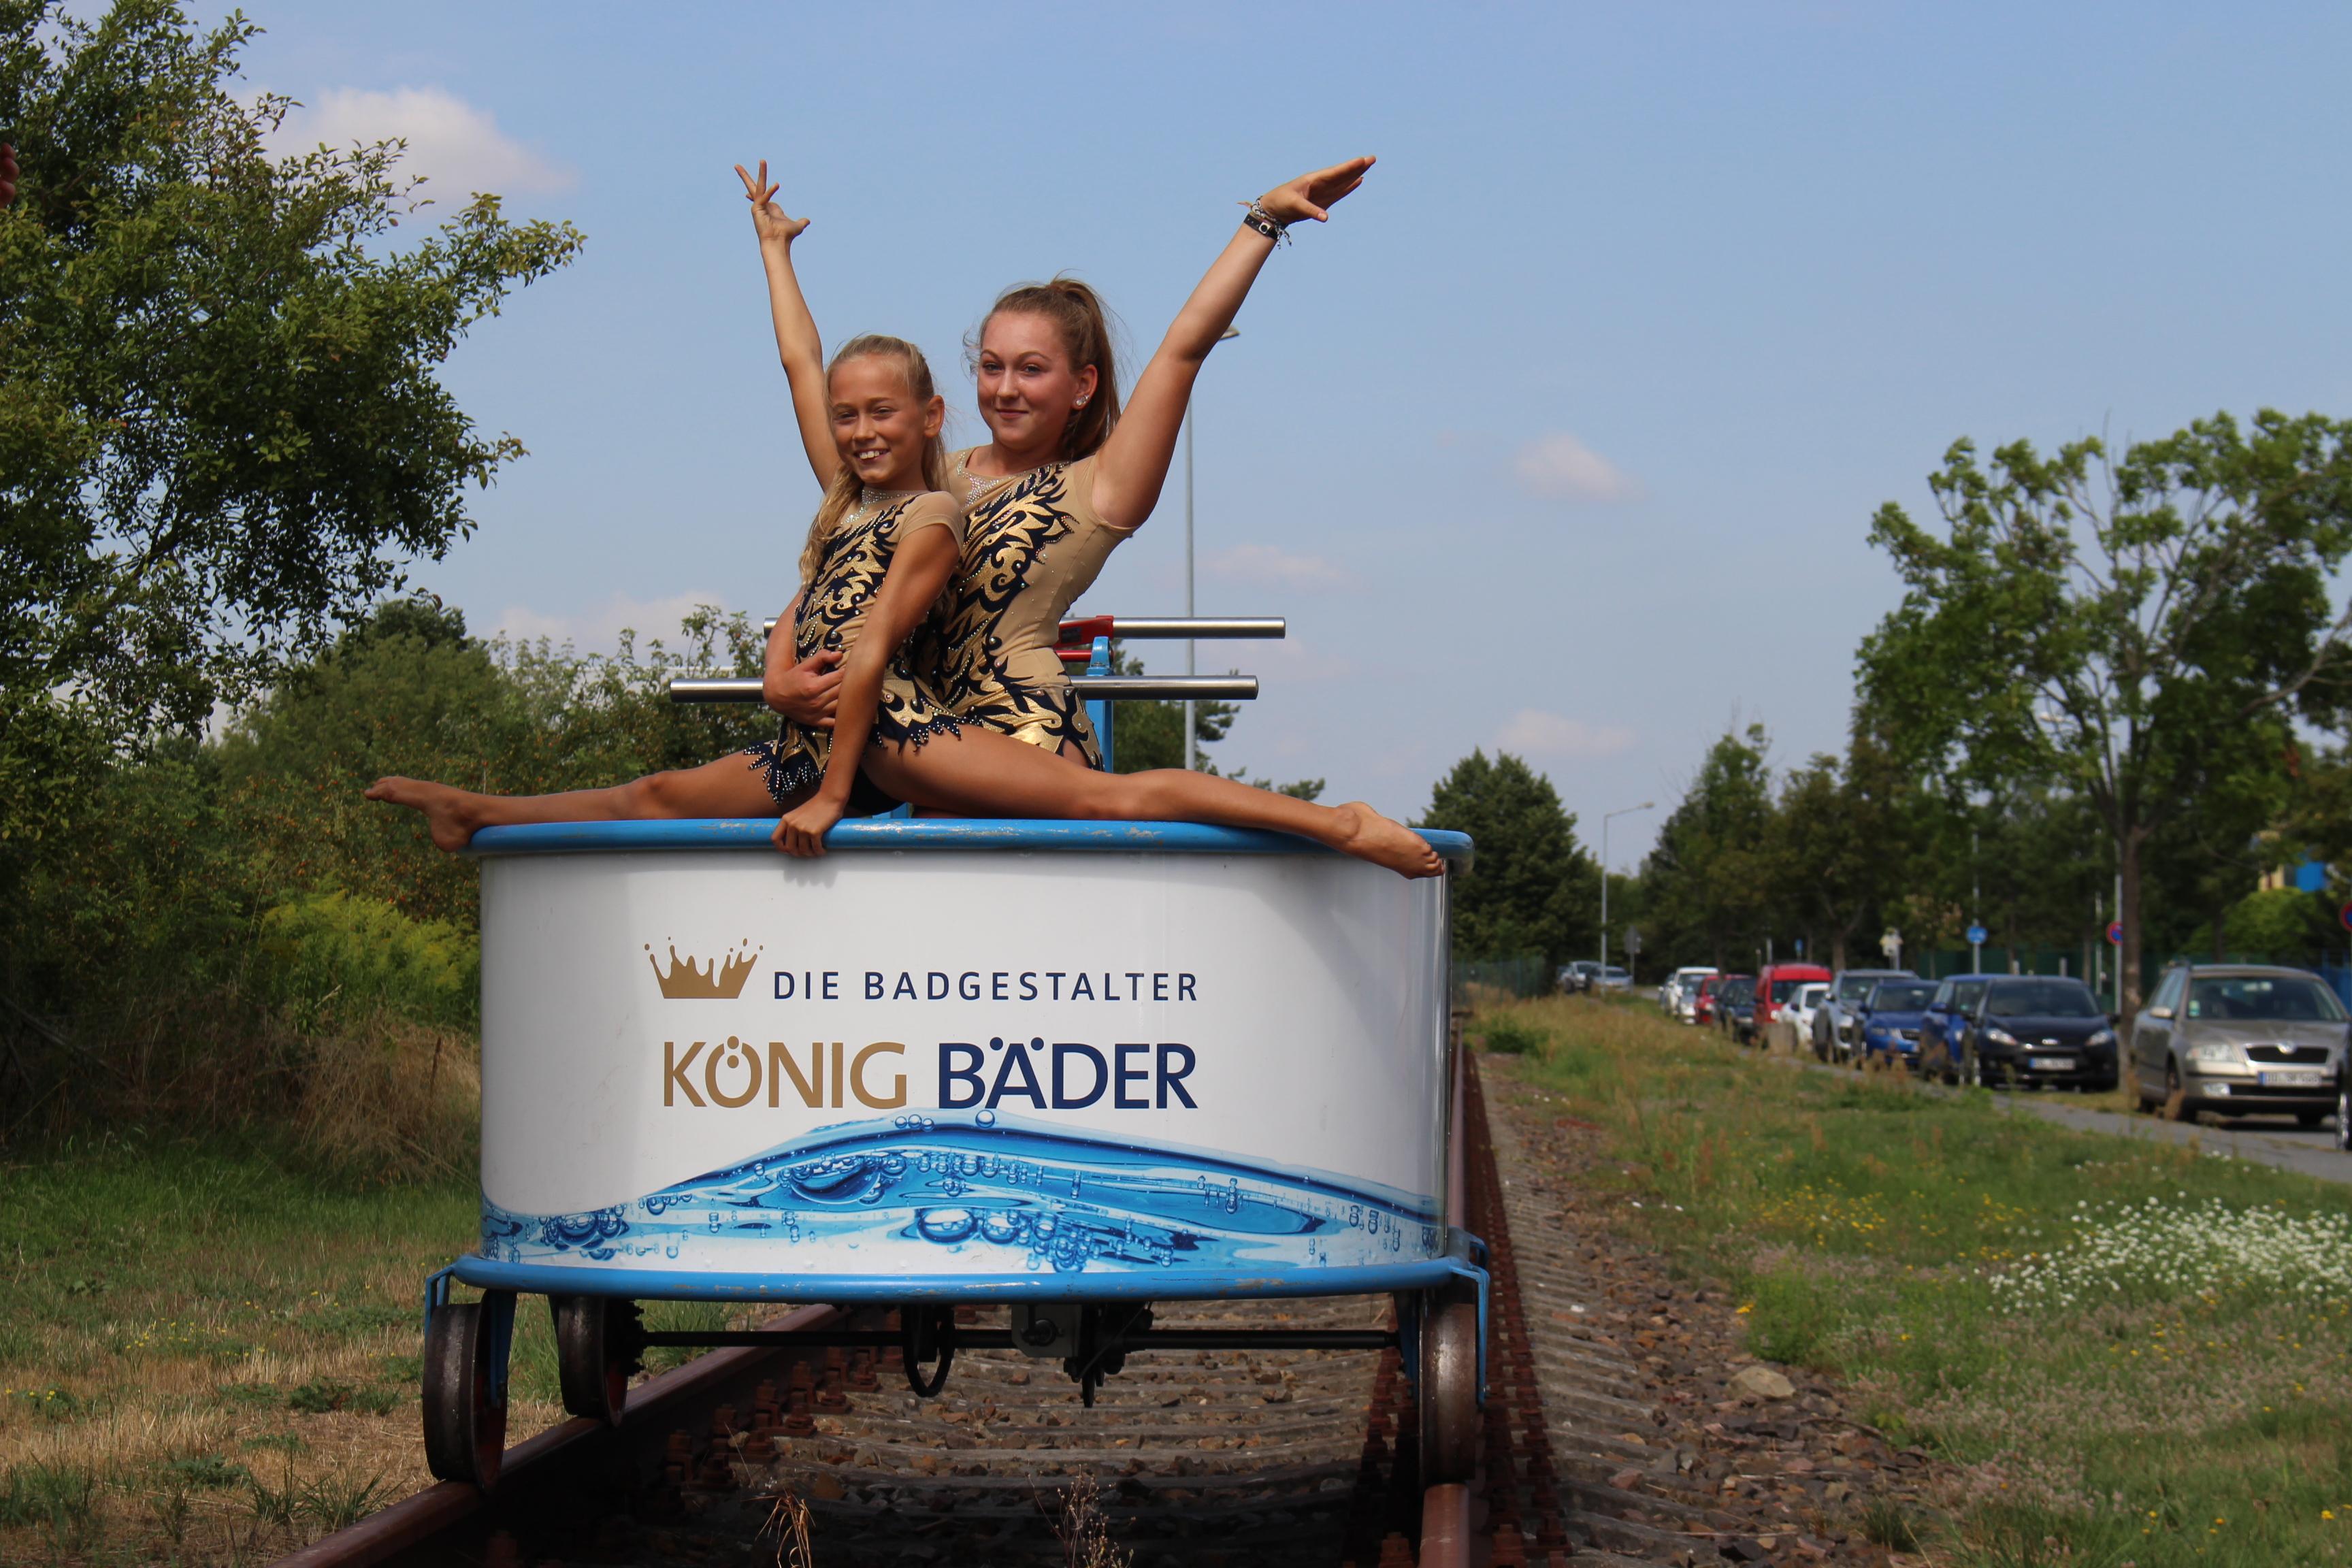 Laura und Lisa vom Akrobatenclub Ottendorf-Okrilla, der zum Draisine-Rennen eine atemberaubende Show präsentiert.